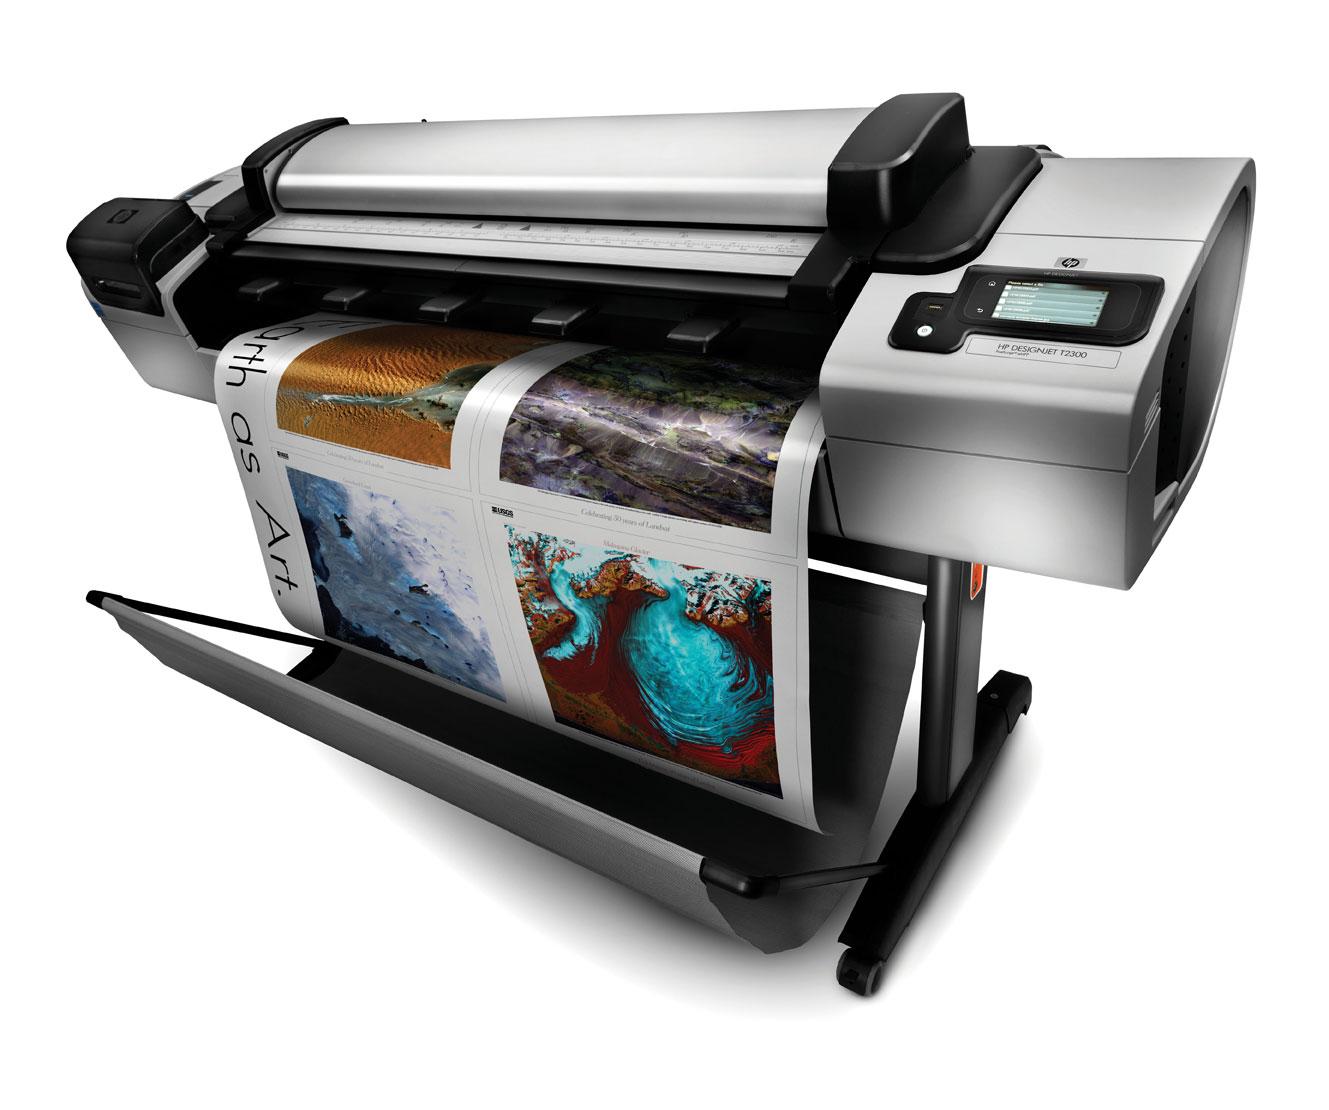 HP Designjet T2300 eMFP 44